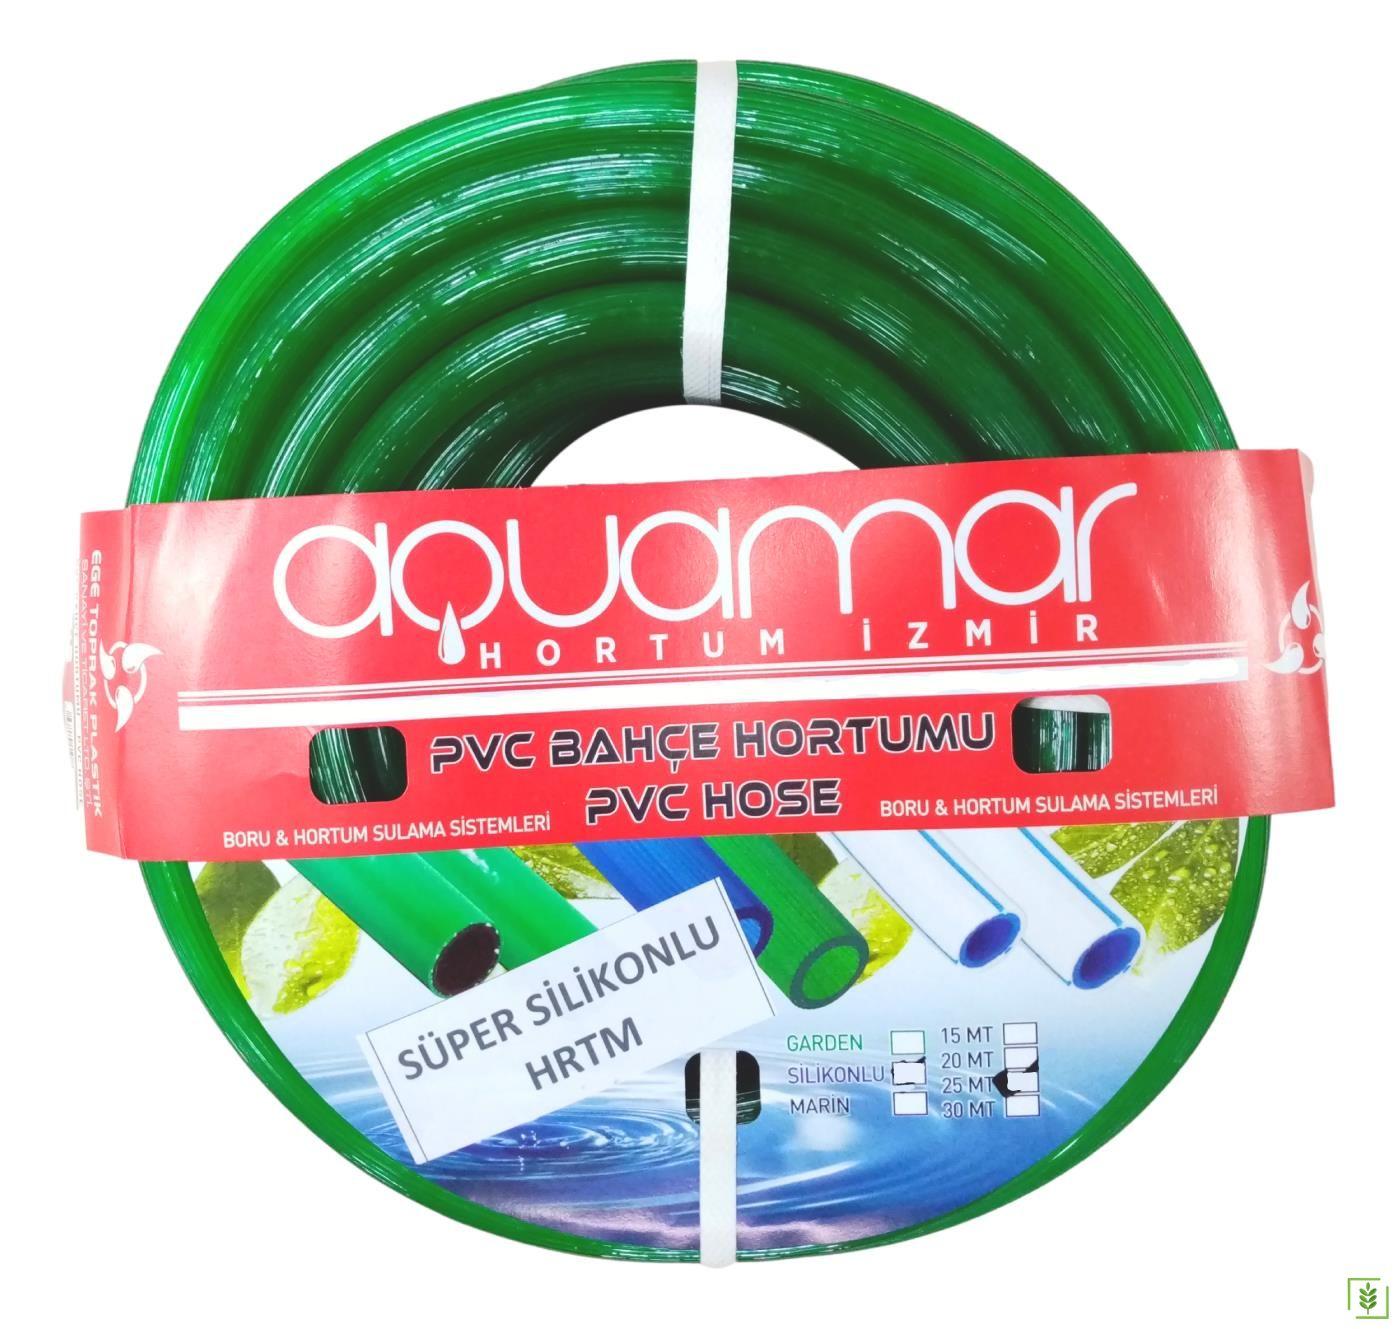 Aquamar Süper Silikonlu Şeffaf Hortum 1/2 15 mt Yeşil